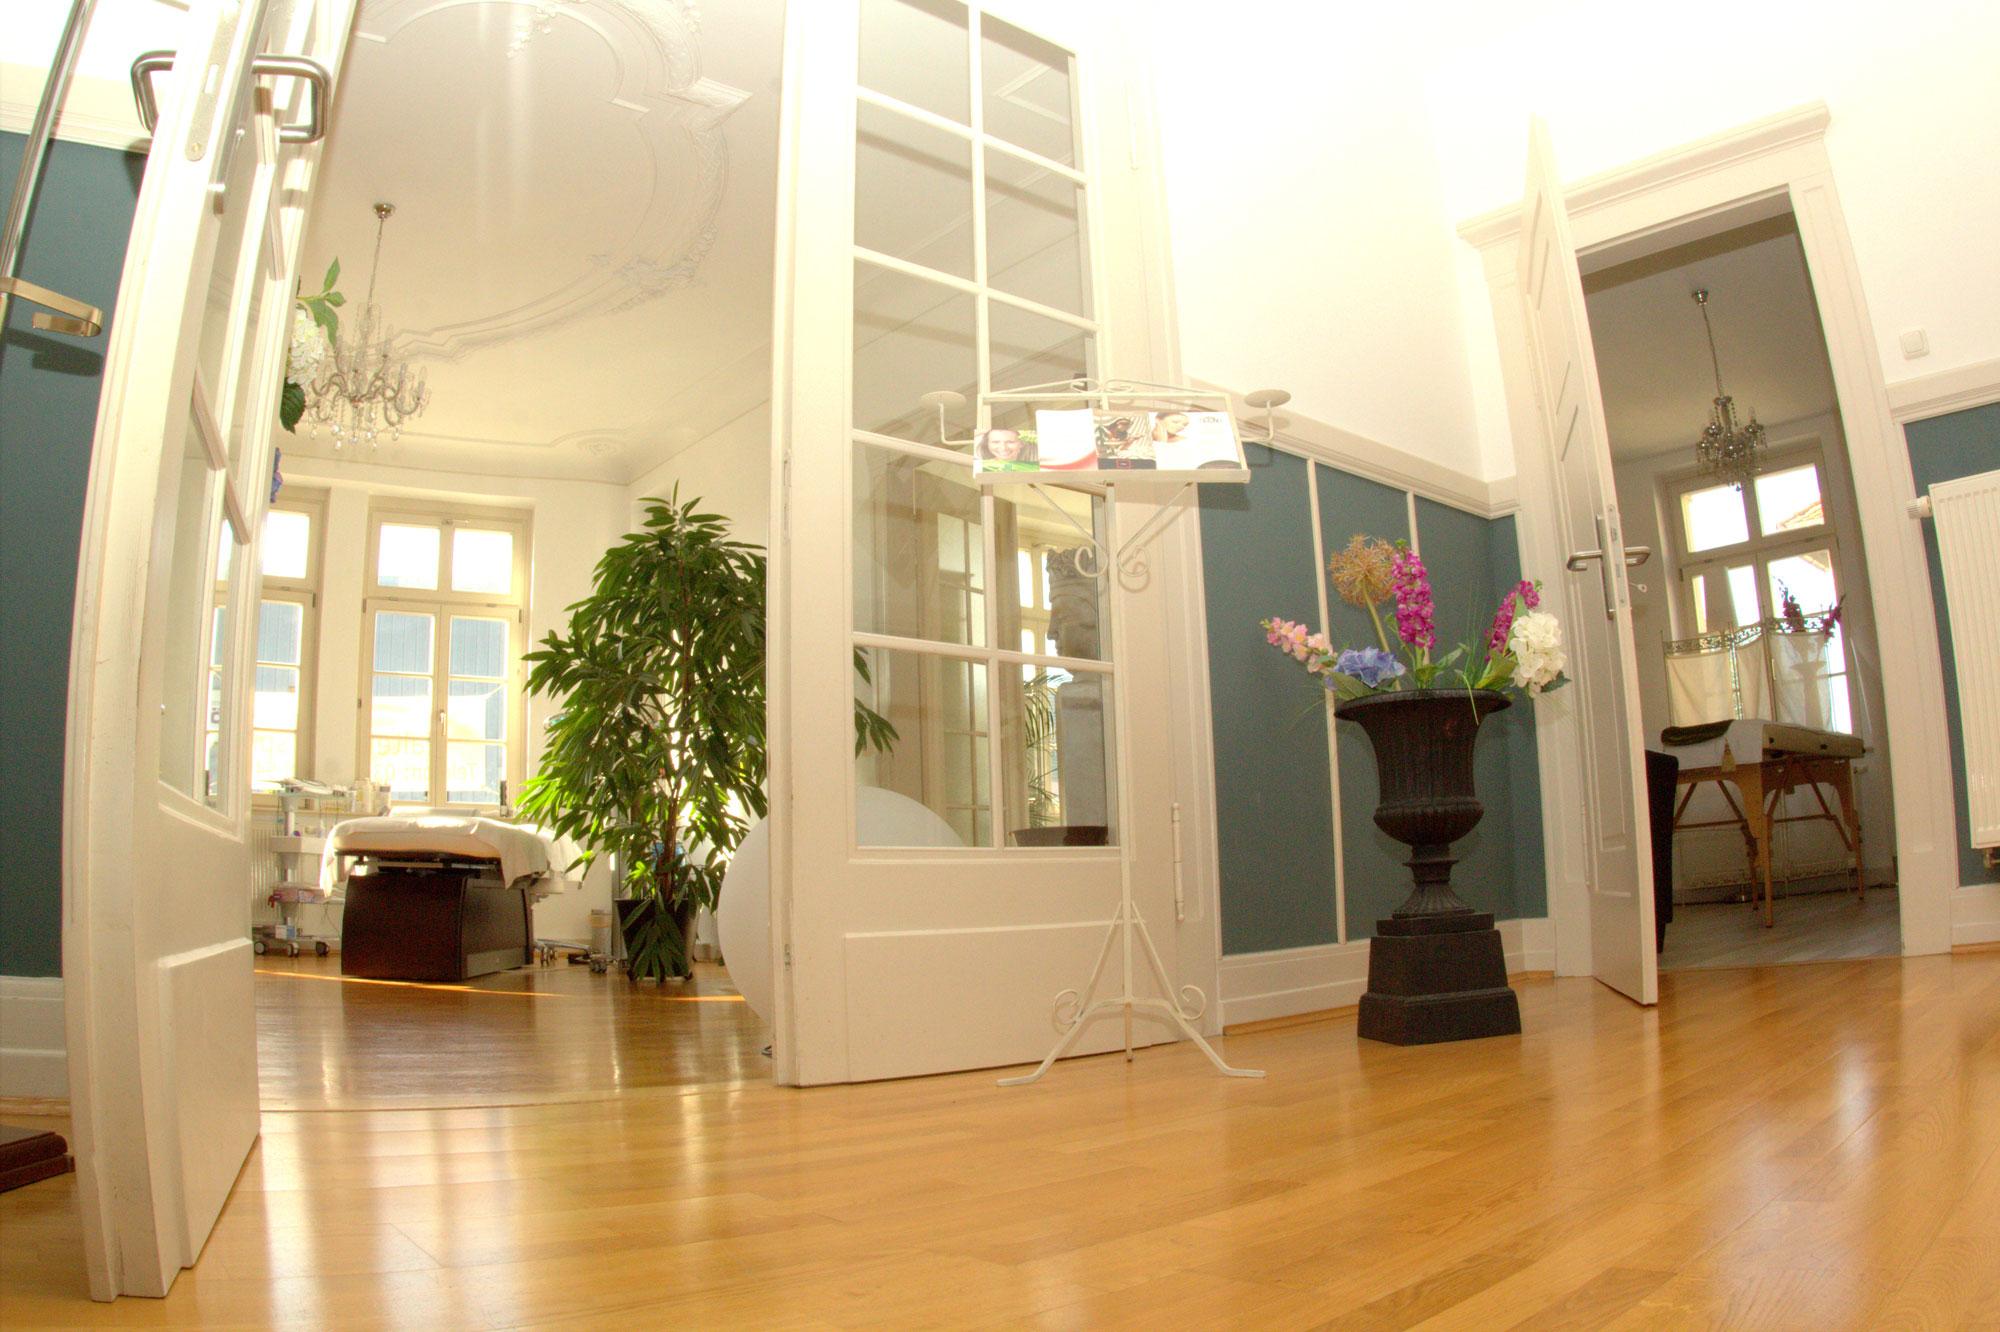 faltenunterspritzung typisch adler beauty wellness in gotha. Black Bedroom Furniture Sets. Home Design Ideas